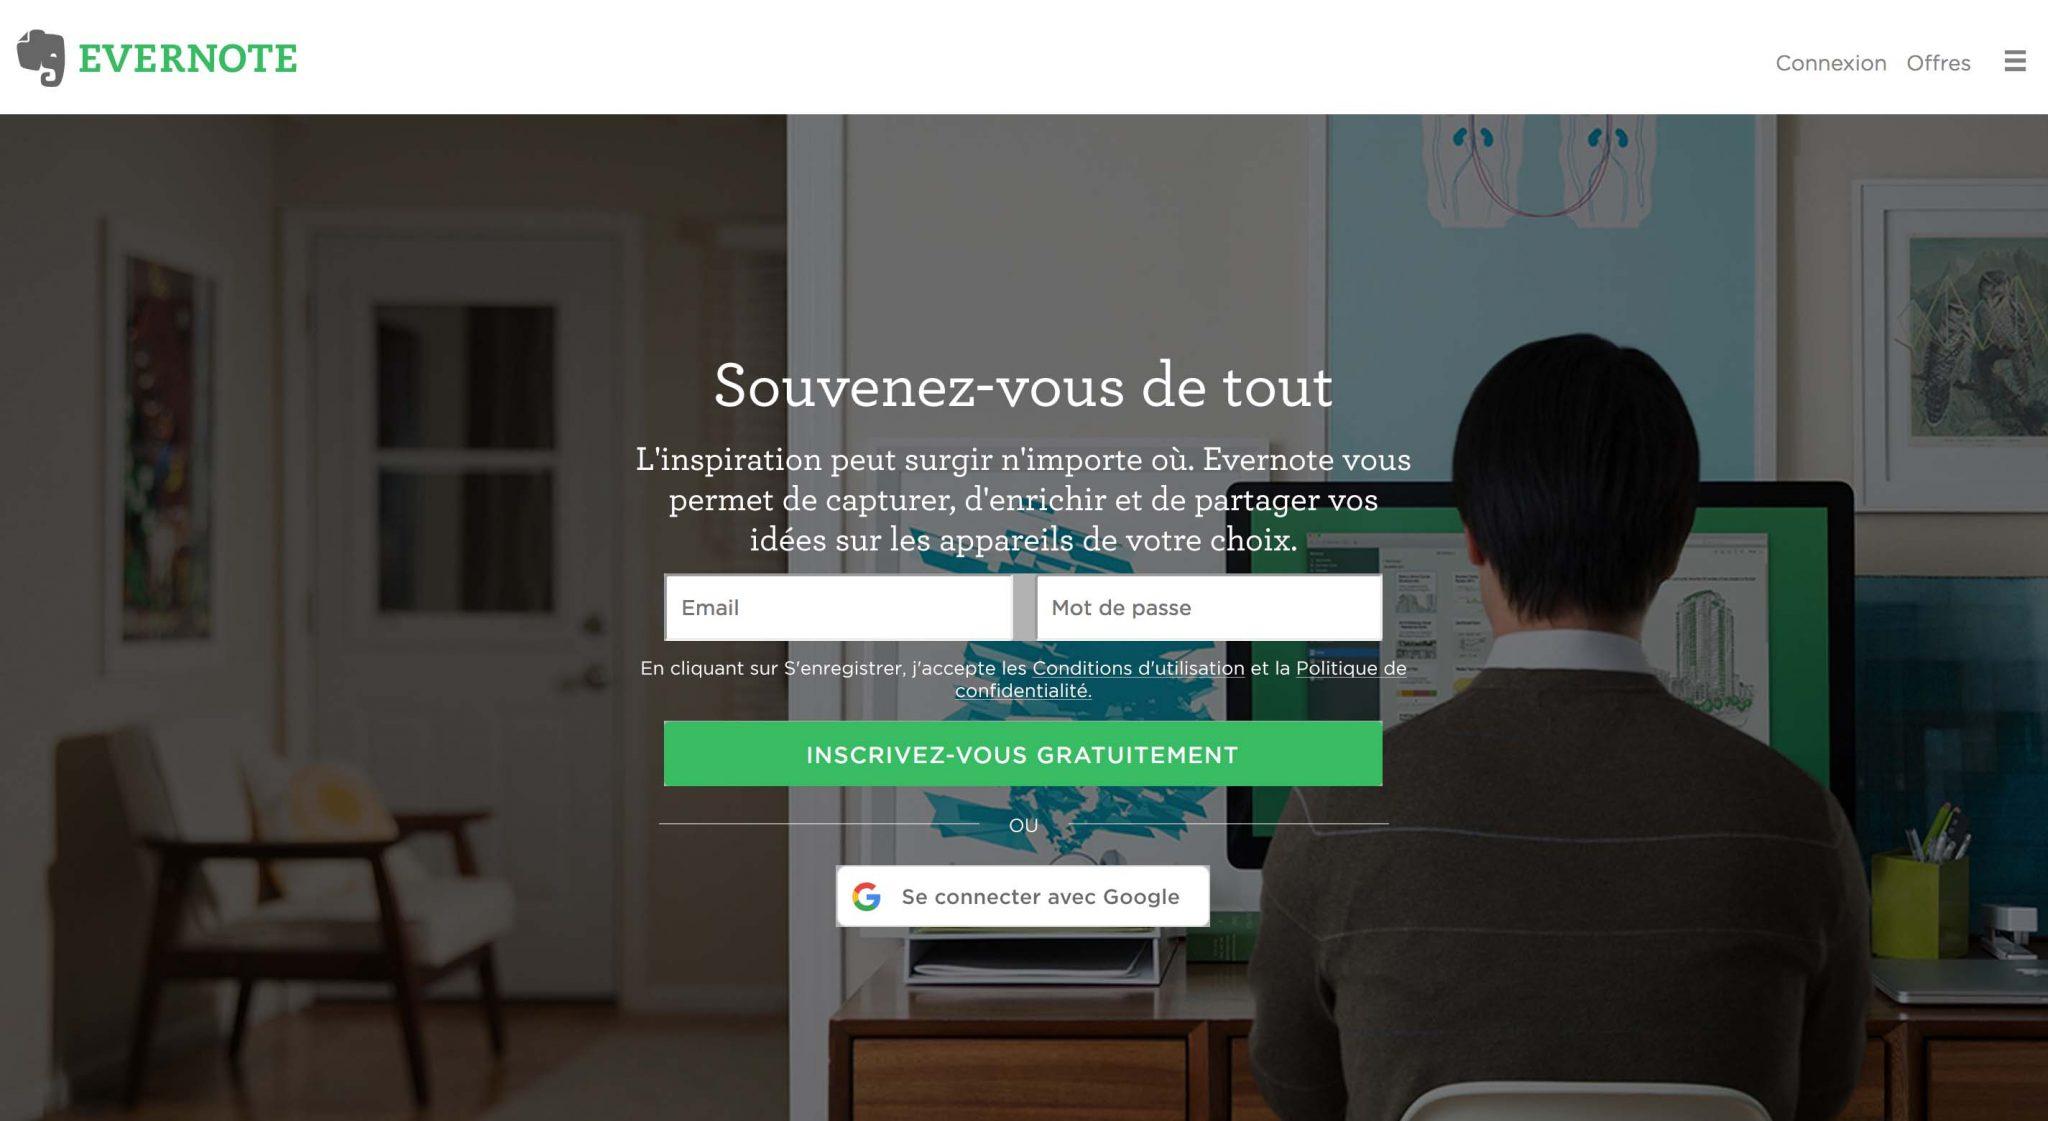 EVERNOTE Landing Page - Souvenez-vous de tout